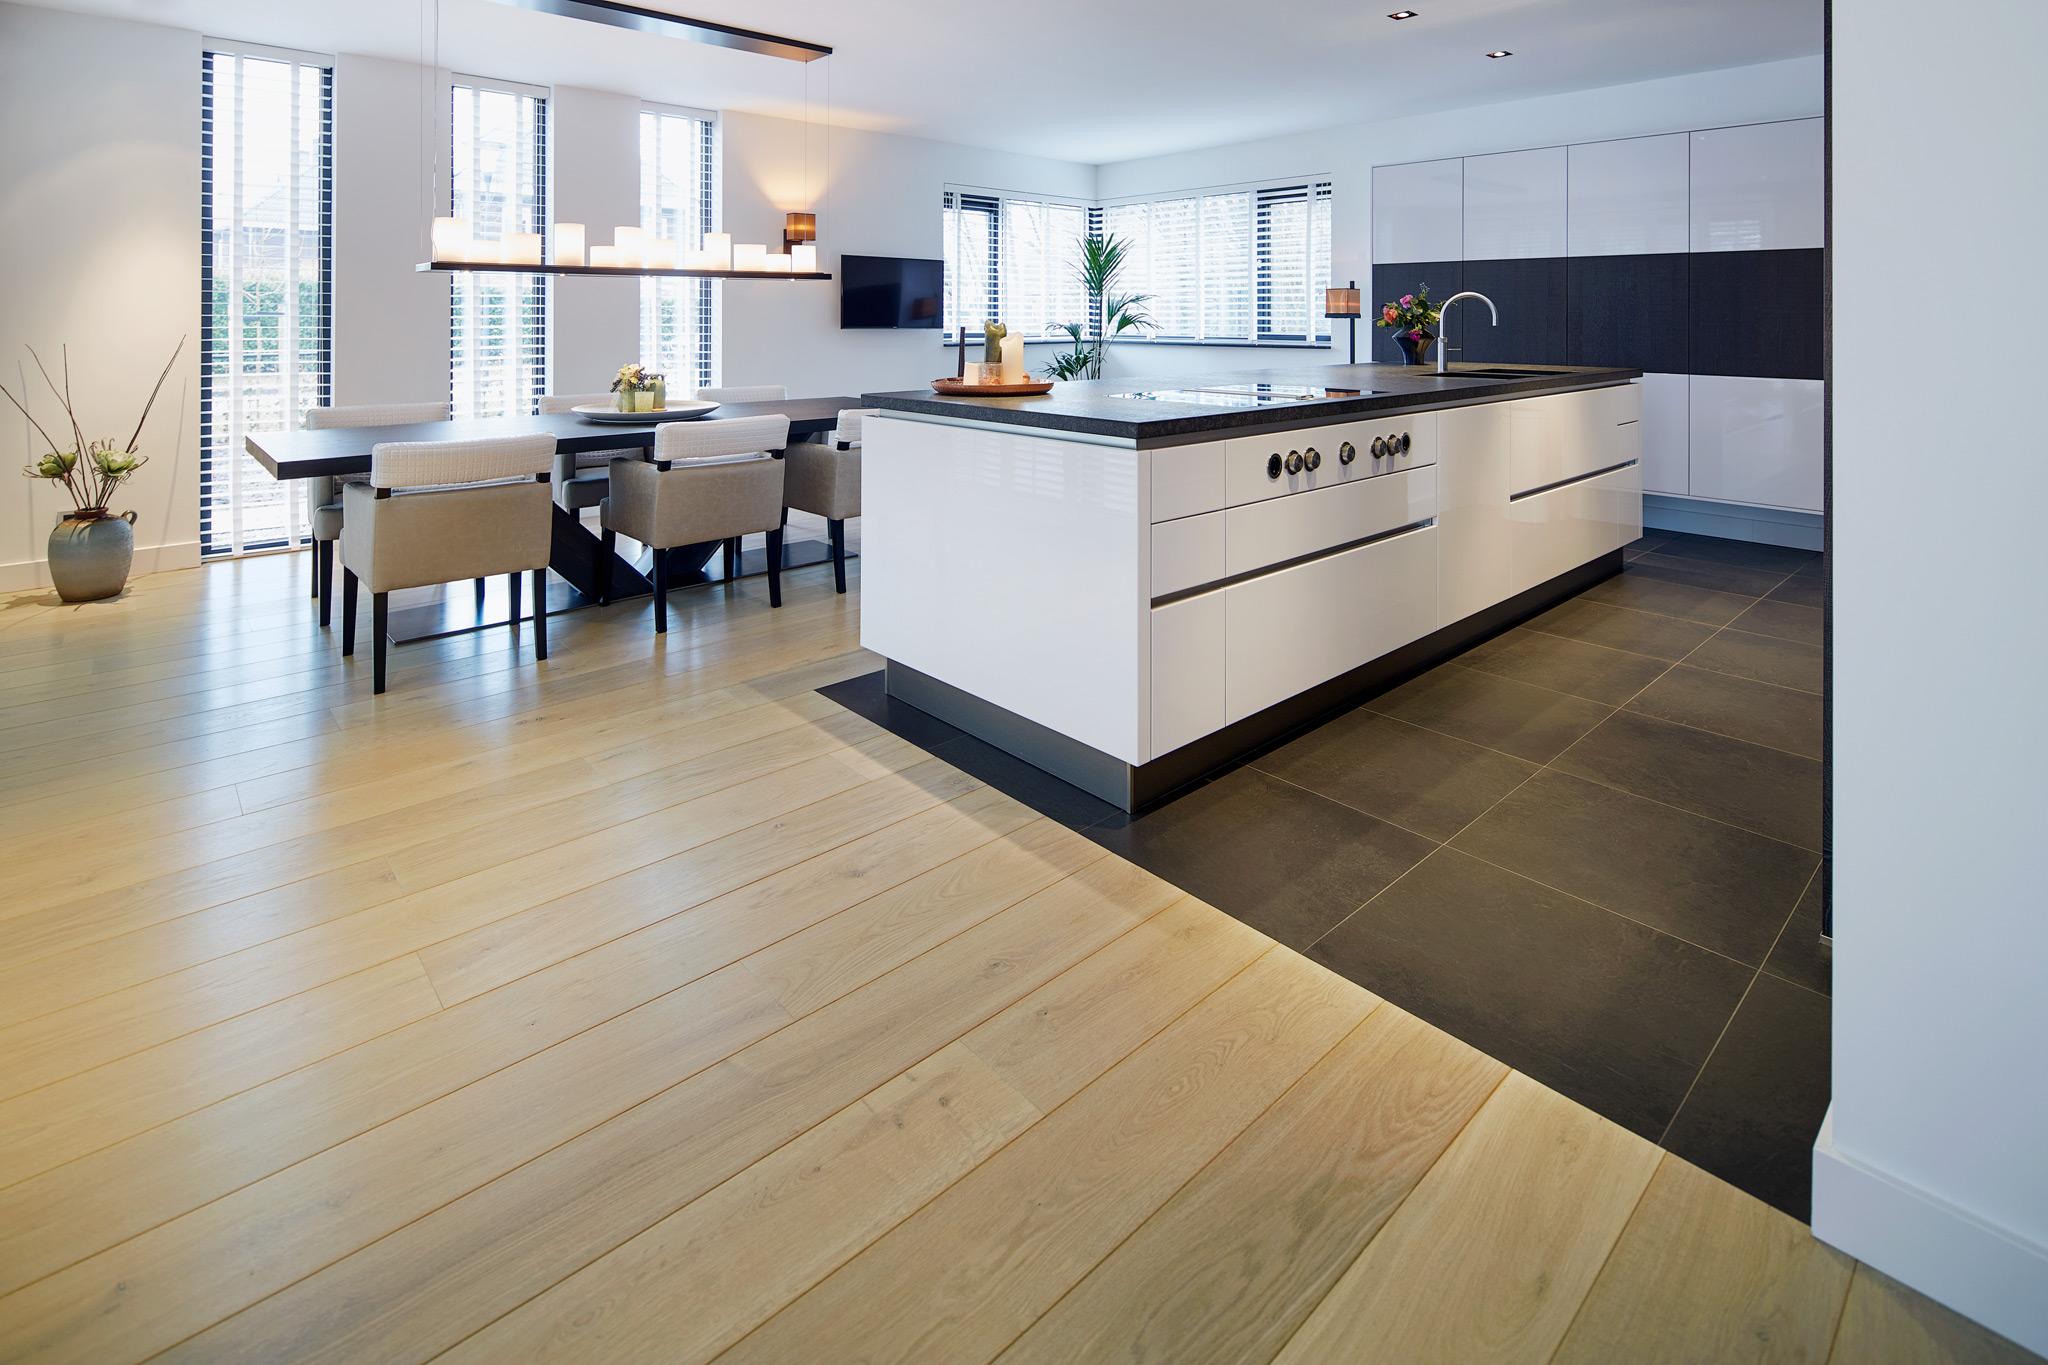 Visgraat Vloer Keuken : Eiken vloer keuken moderne ruw eiken houten keukens met wit